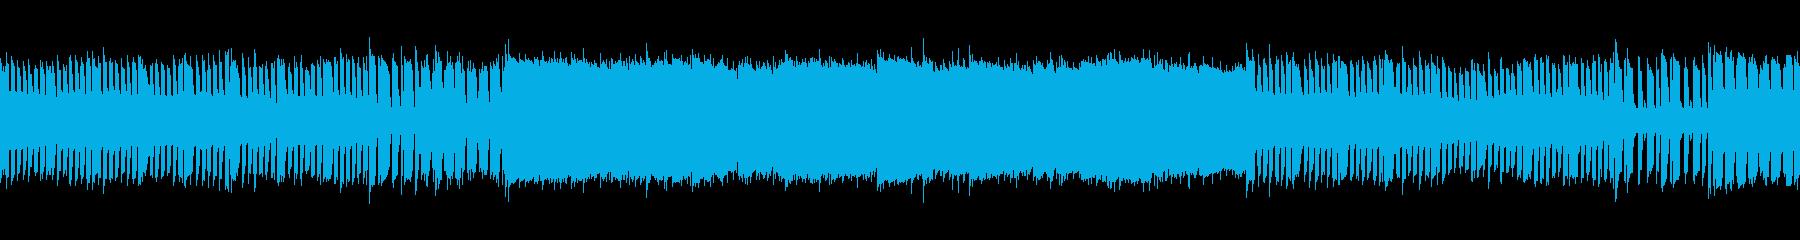 横スクロールアクションゲームに流れてそうの再生済みの波形